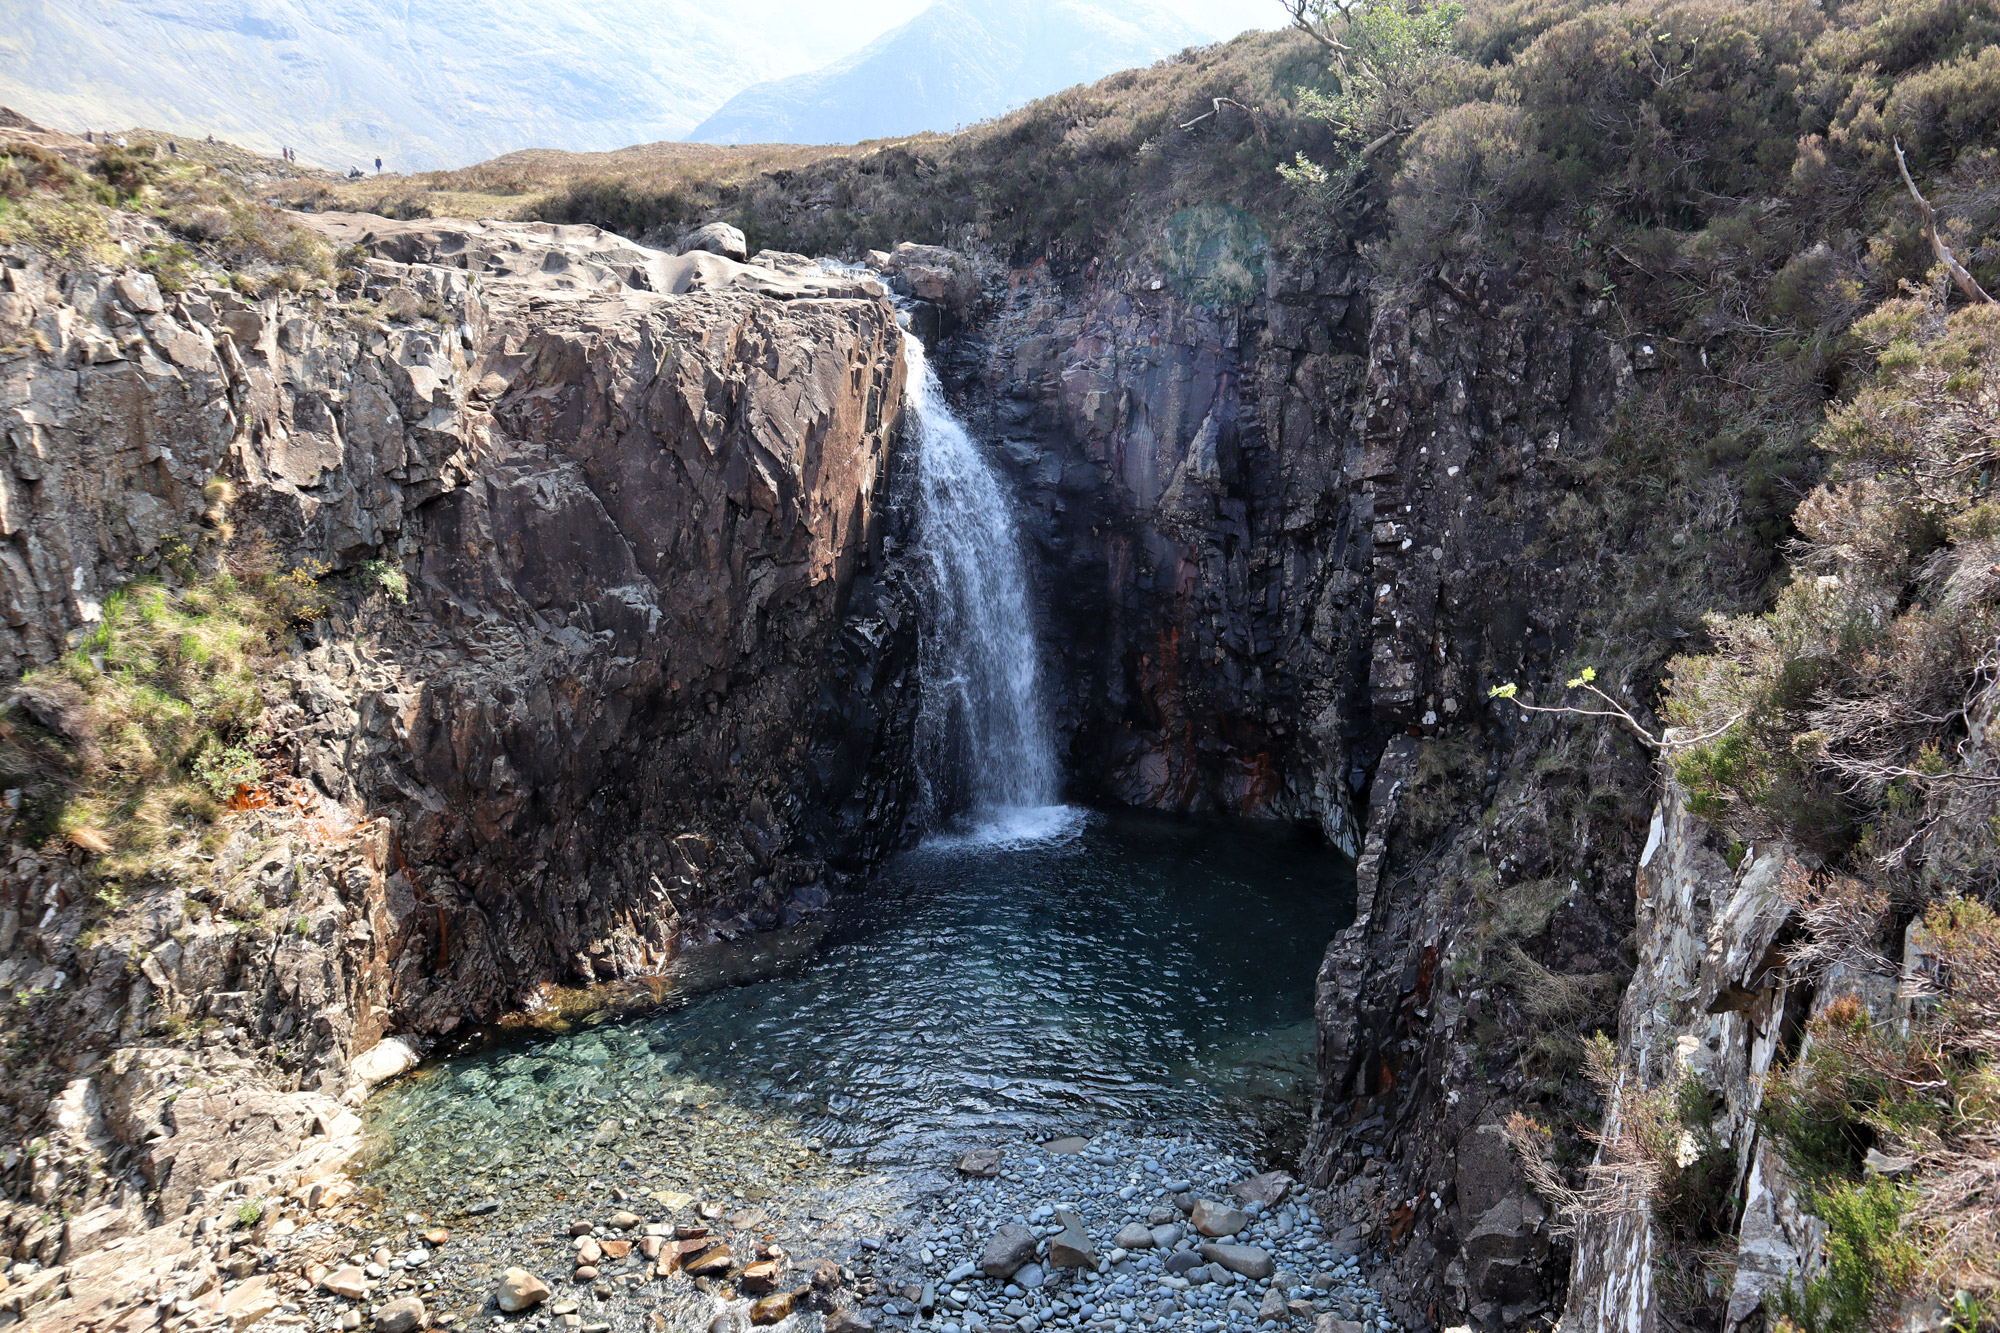 De hoogtepunten van Isle of Skye - Fairy Tools